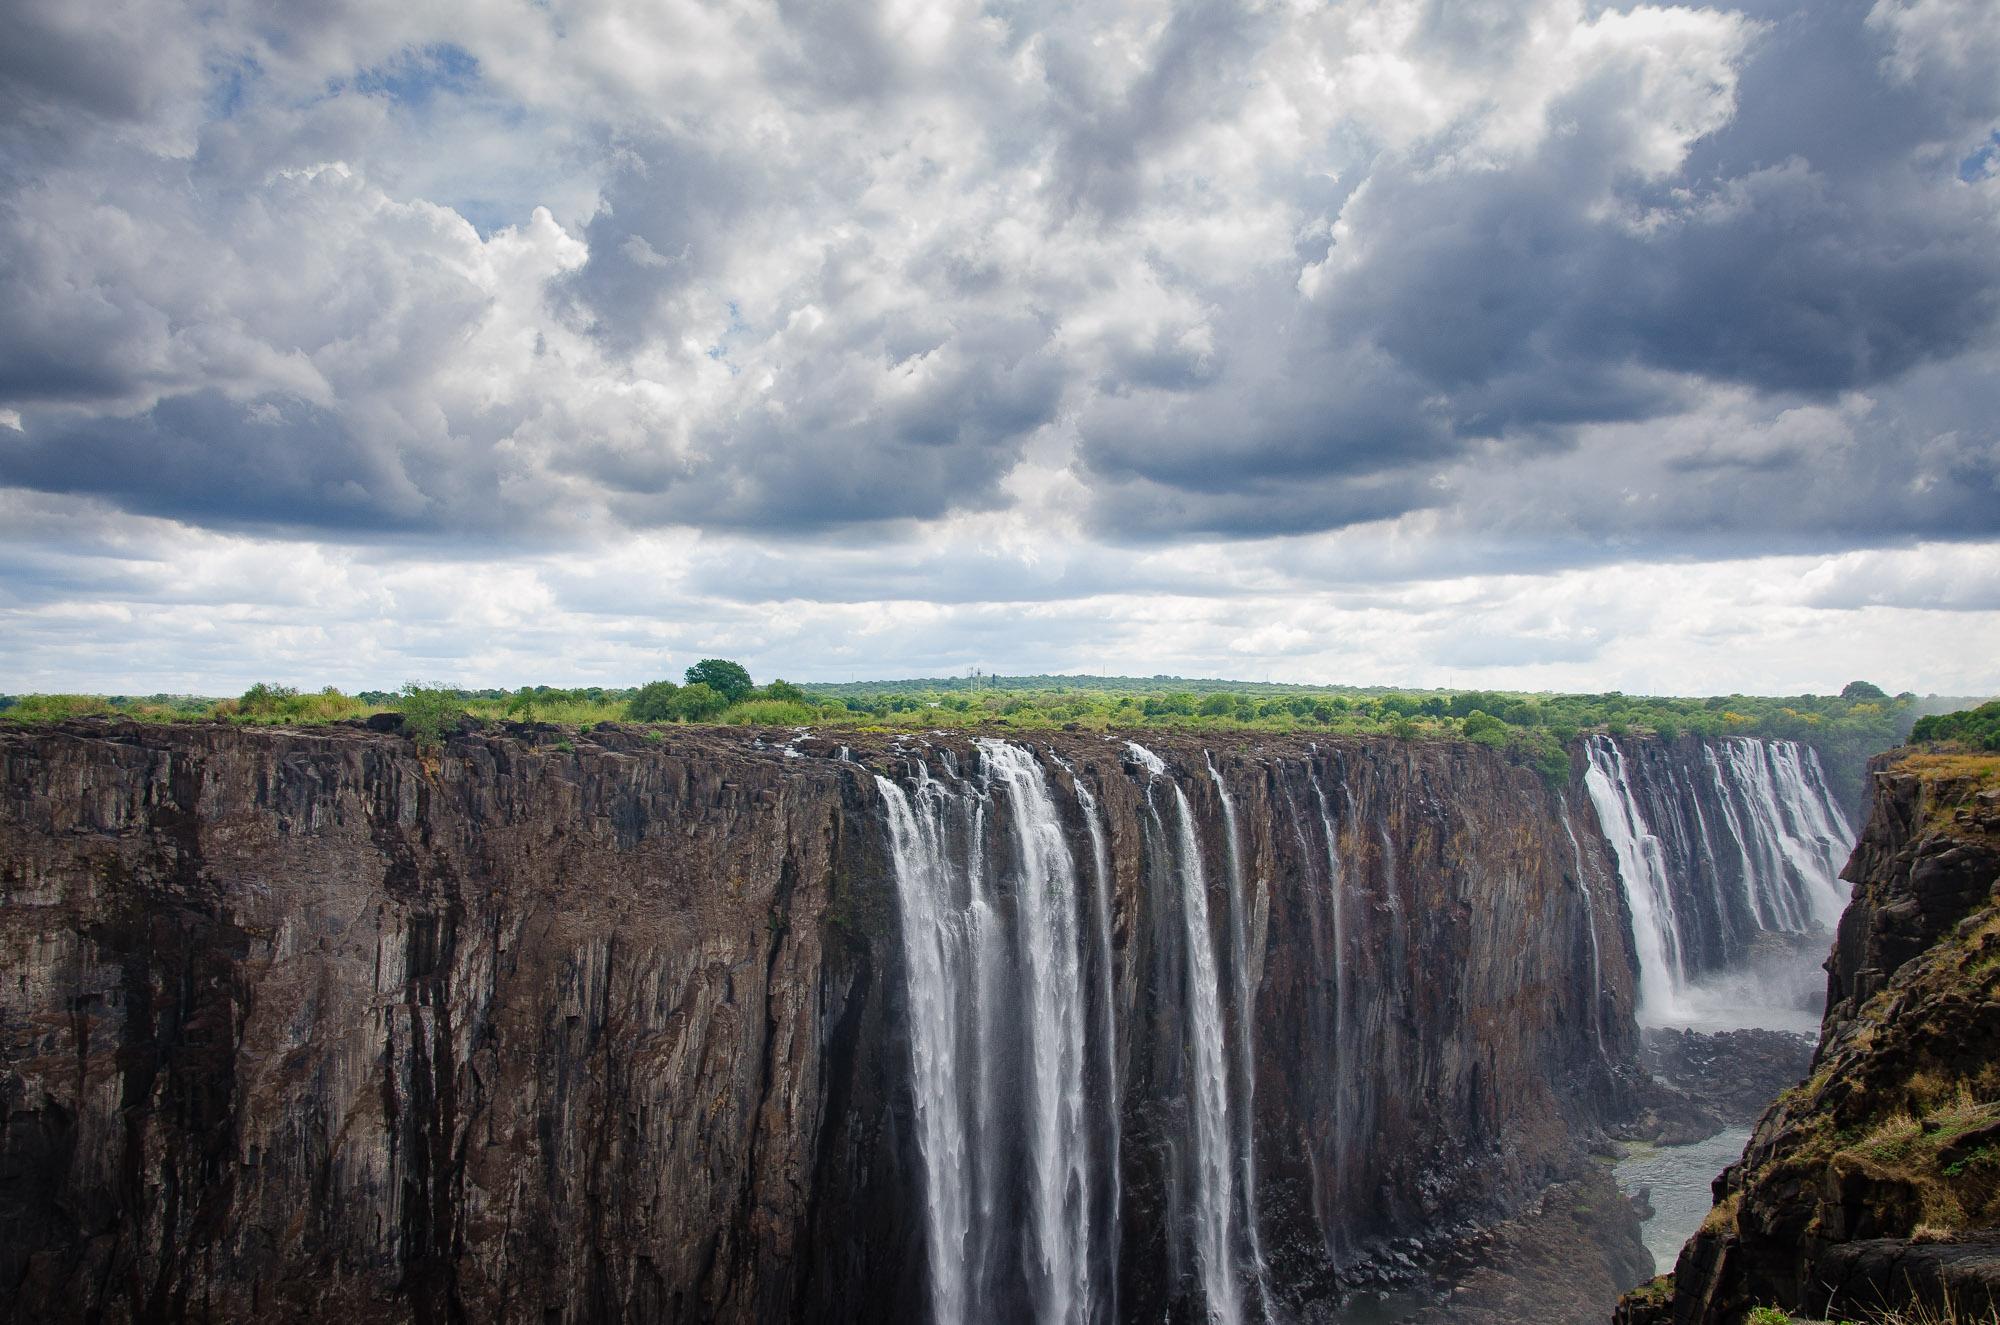 cataracte - les chutes victoria - Zimbabwe, les chutes Victoria et plus encore! - afrique, zimbabwe